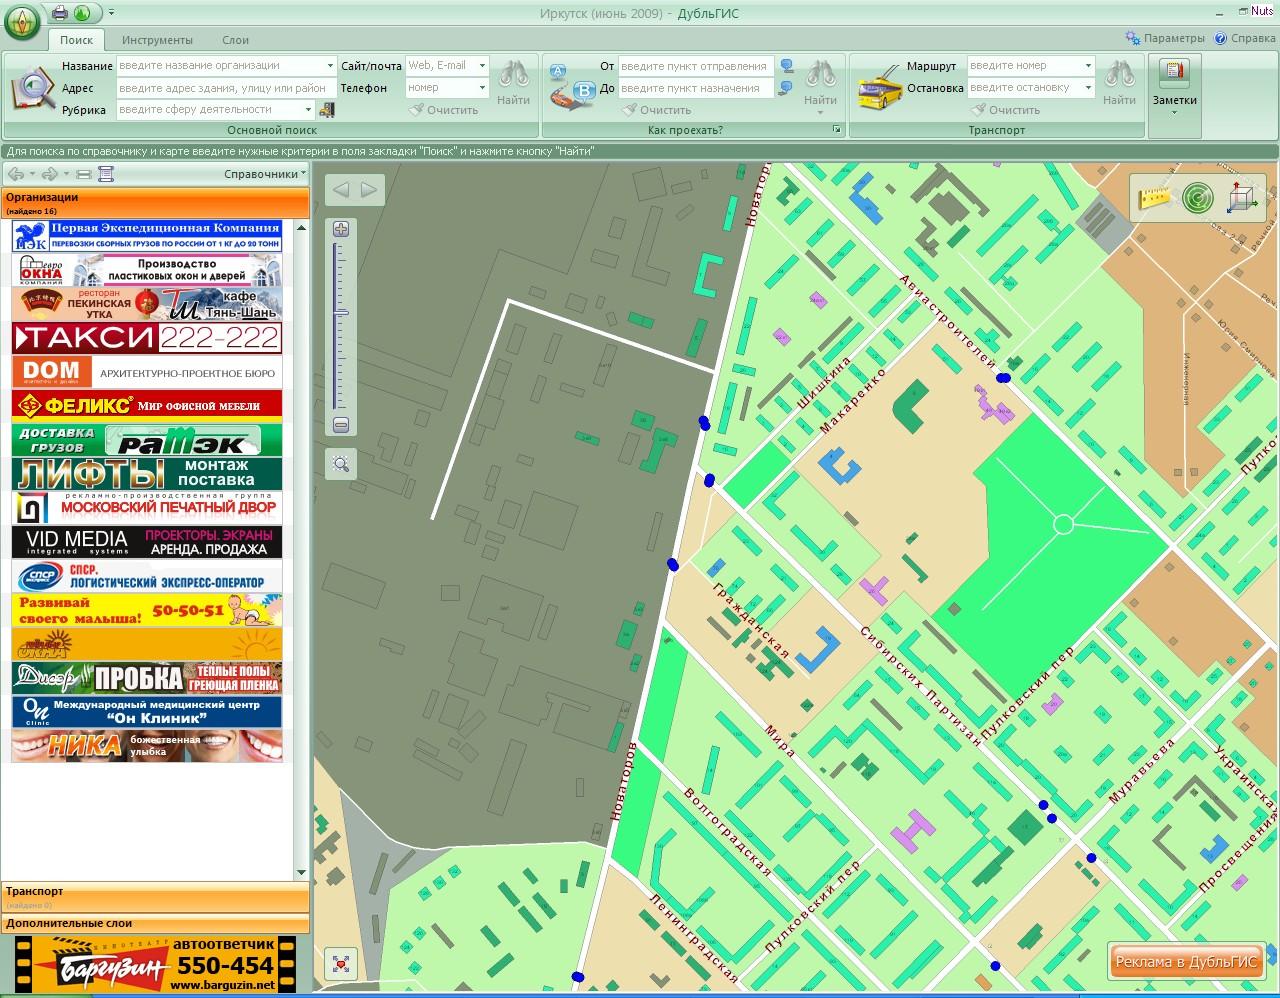 Скачать бесплатно топографические и автомобильные карты россии